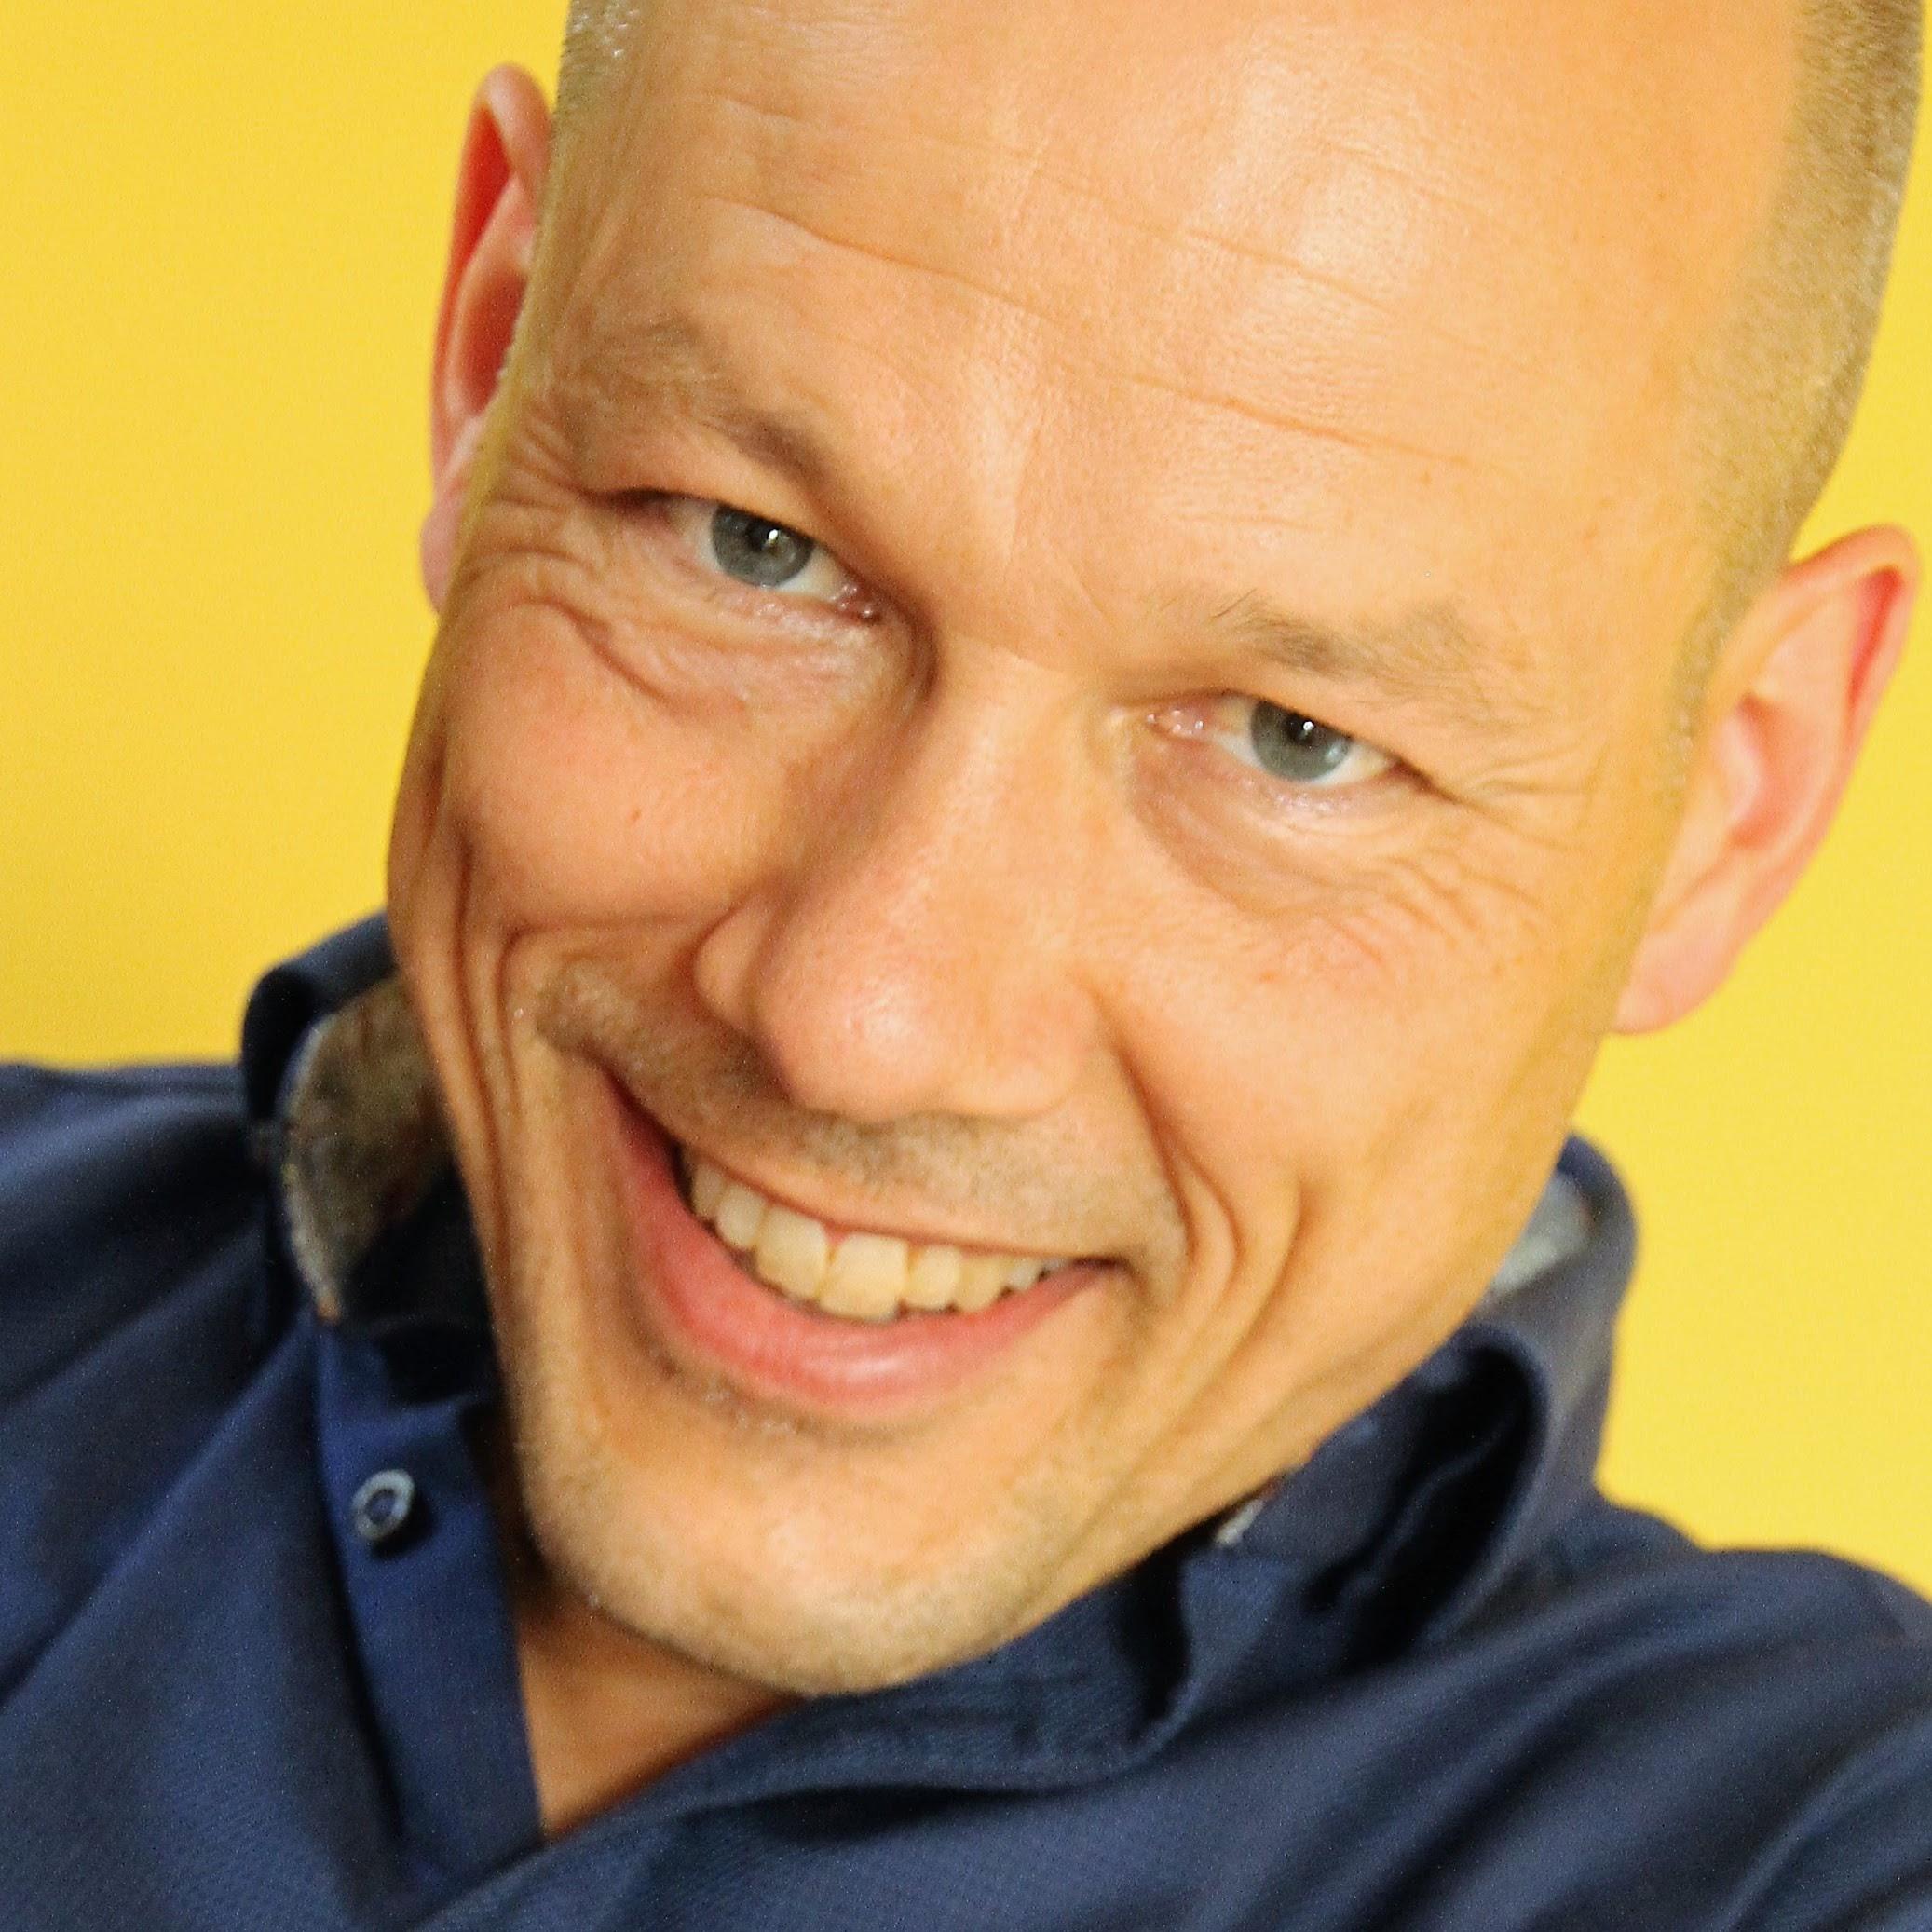 Michel Kropman